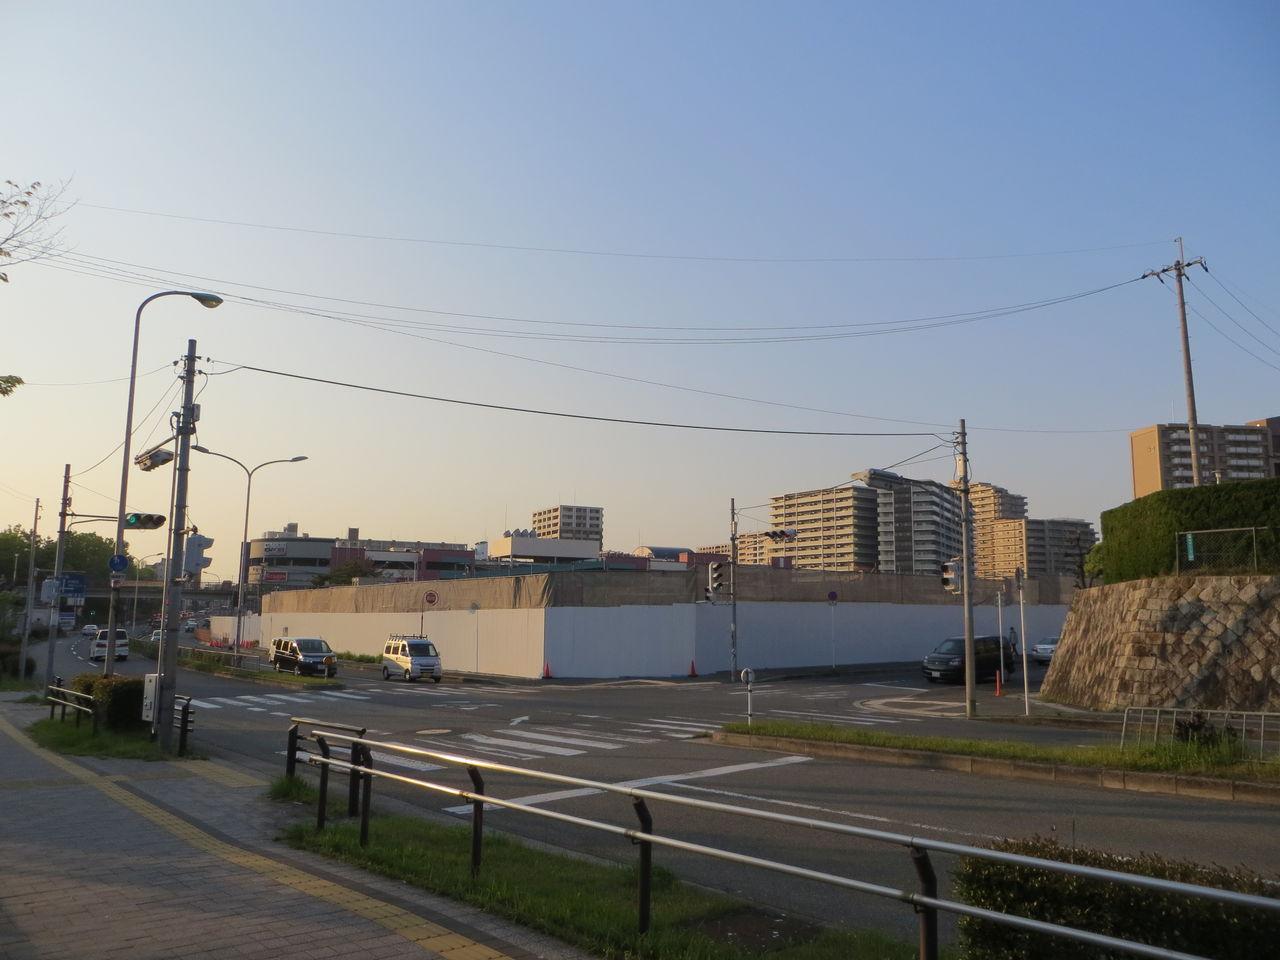 堺・泉北 風景写真 : 2015/4/25 ...